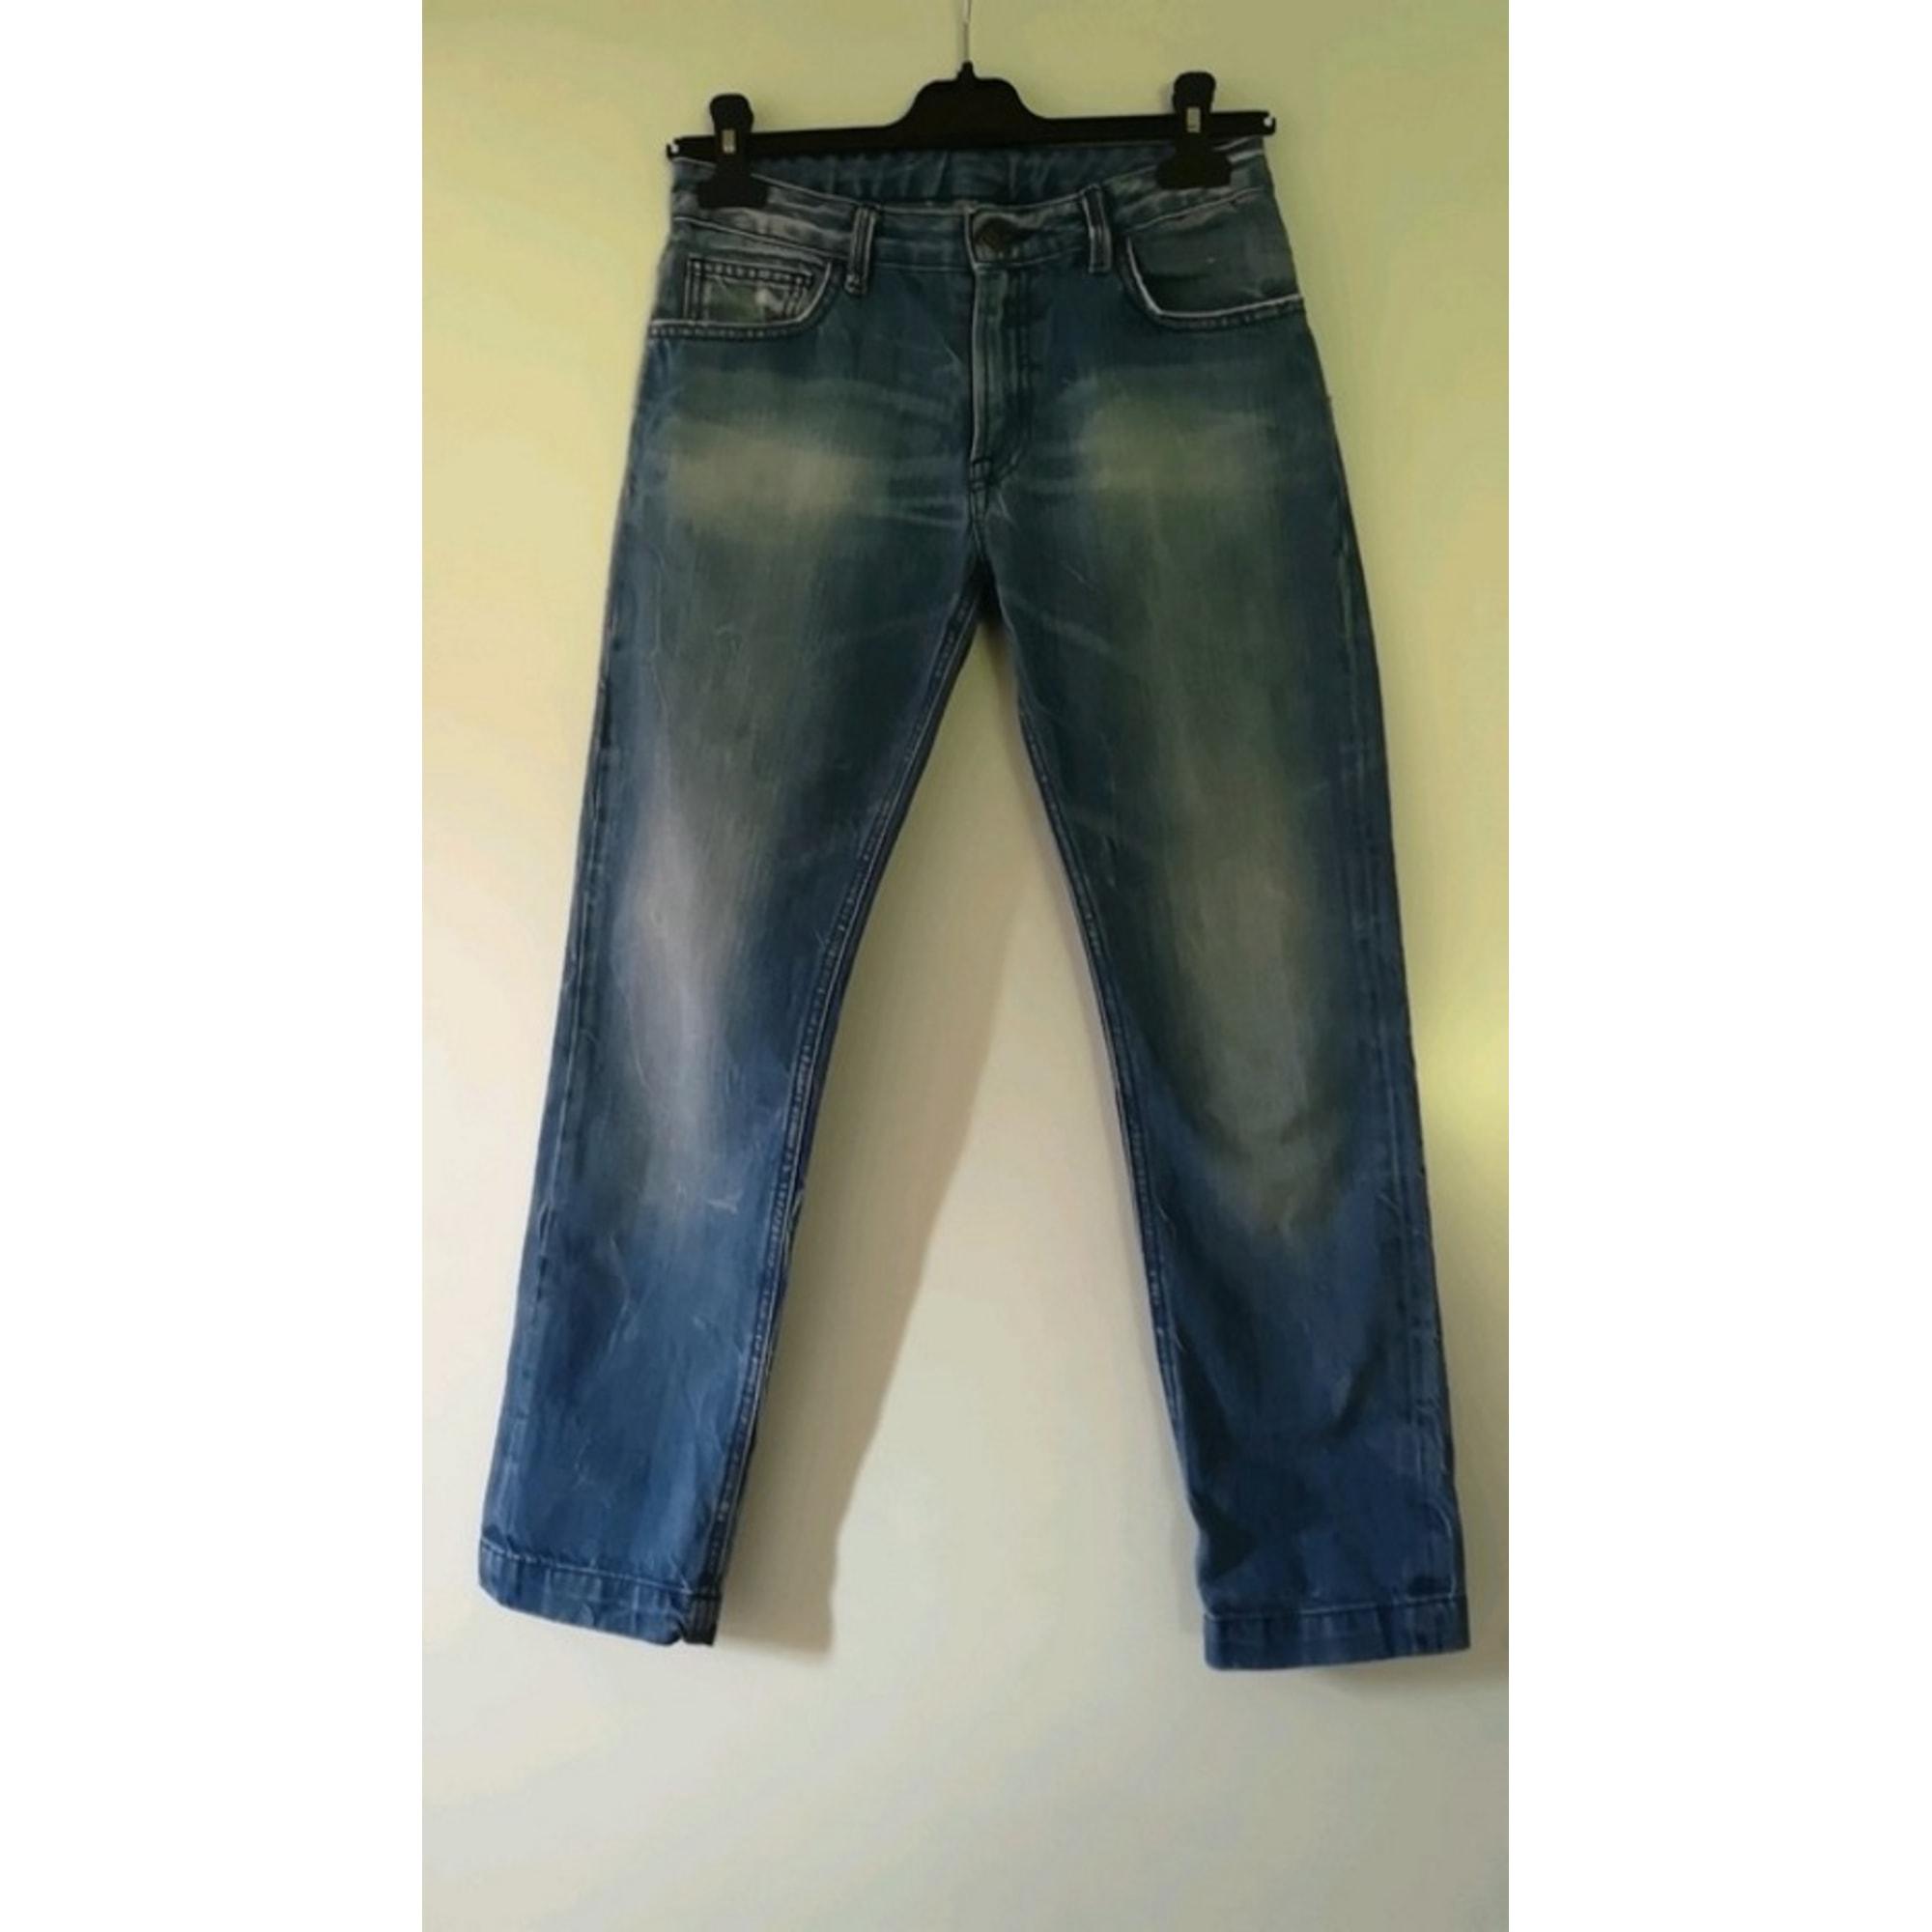 Jeans droit LE TEMPS DES CERISES coton bleu 11-12 ans